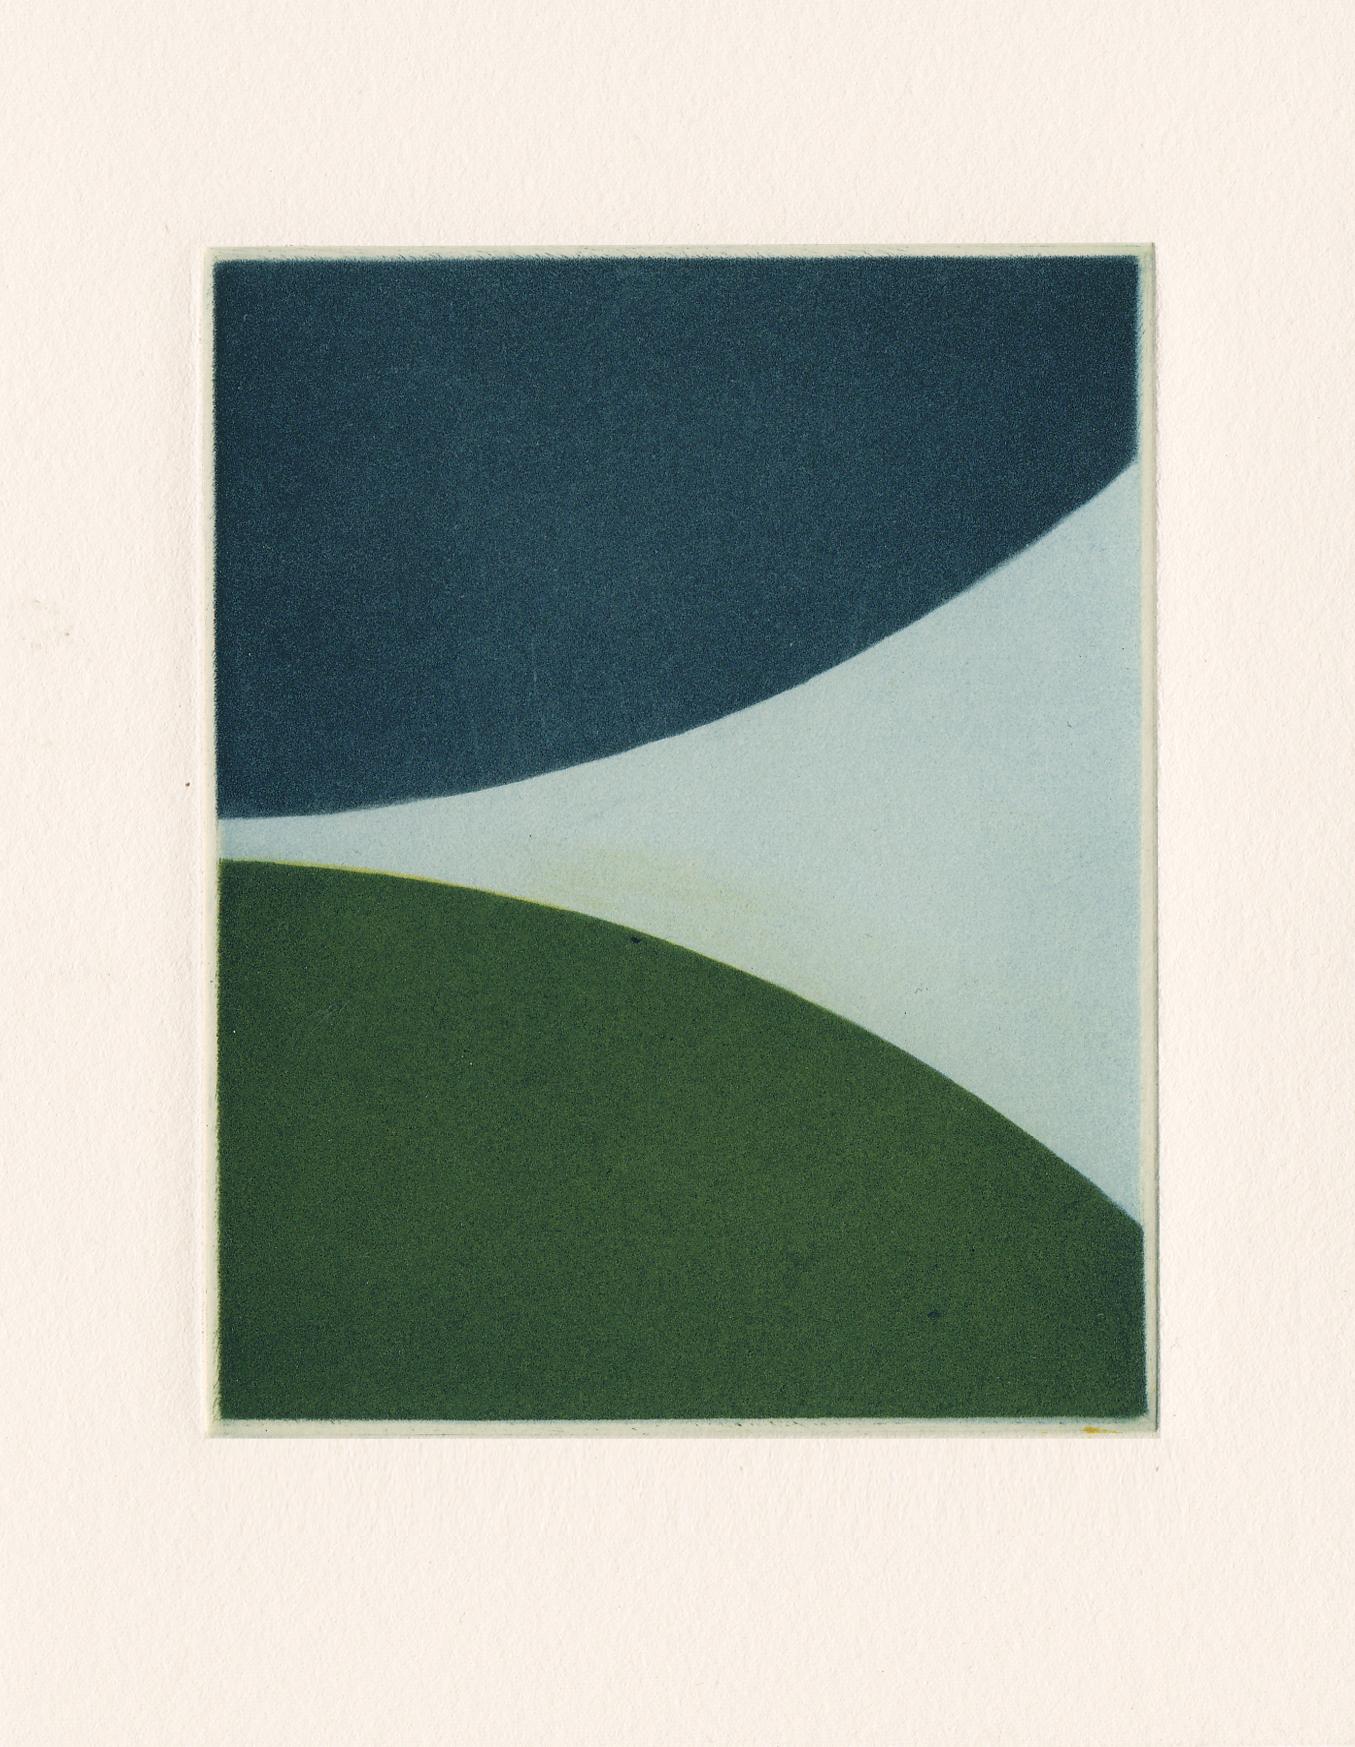 Majla Zeneli, The yellowed descent, 2015, Mezzotinto-Druck, 10 x 8 cm